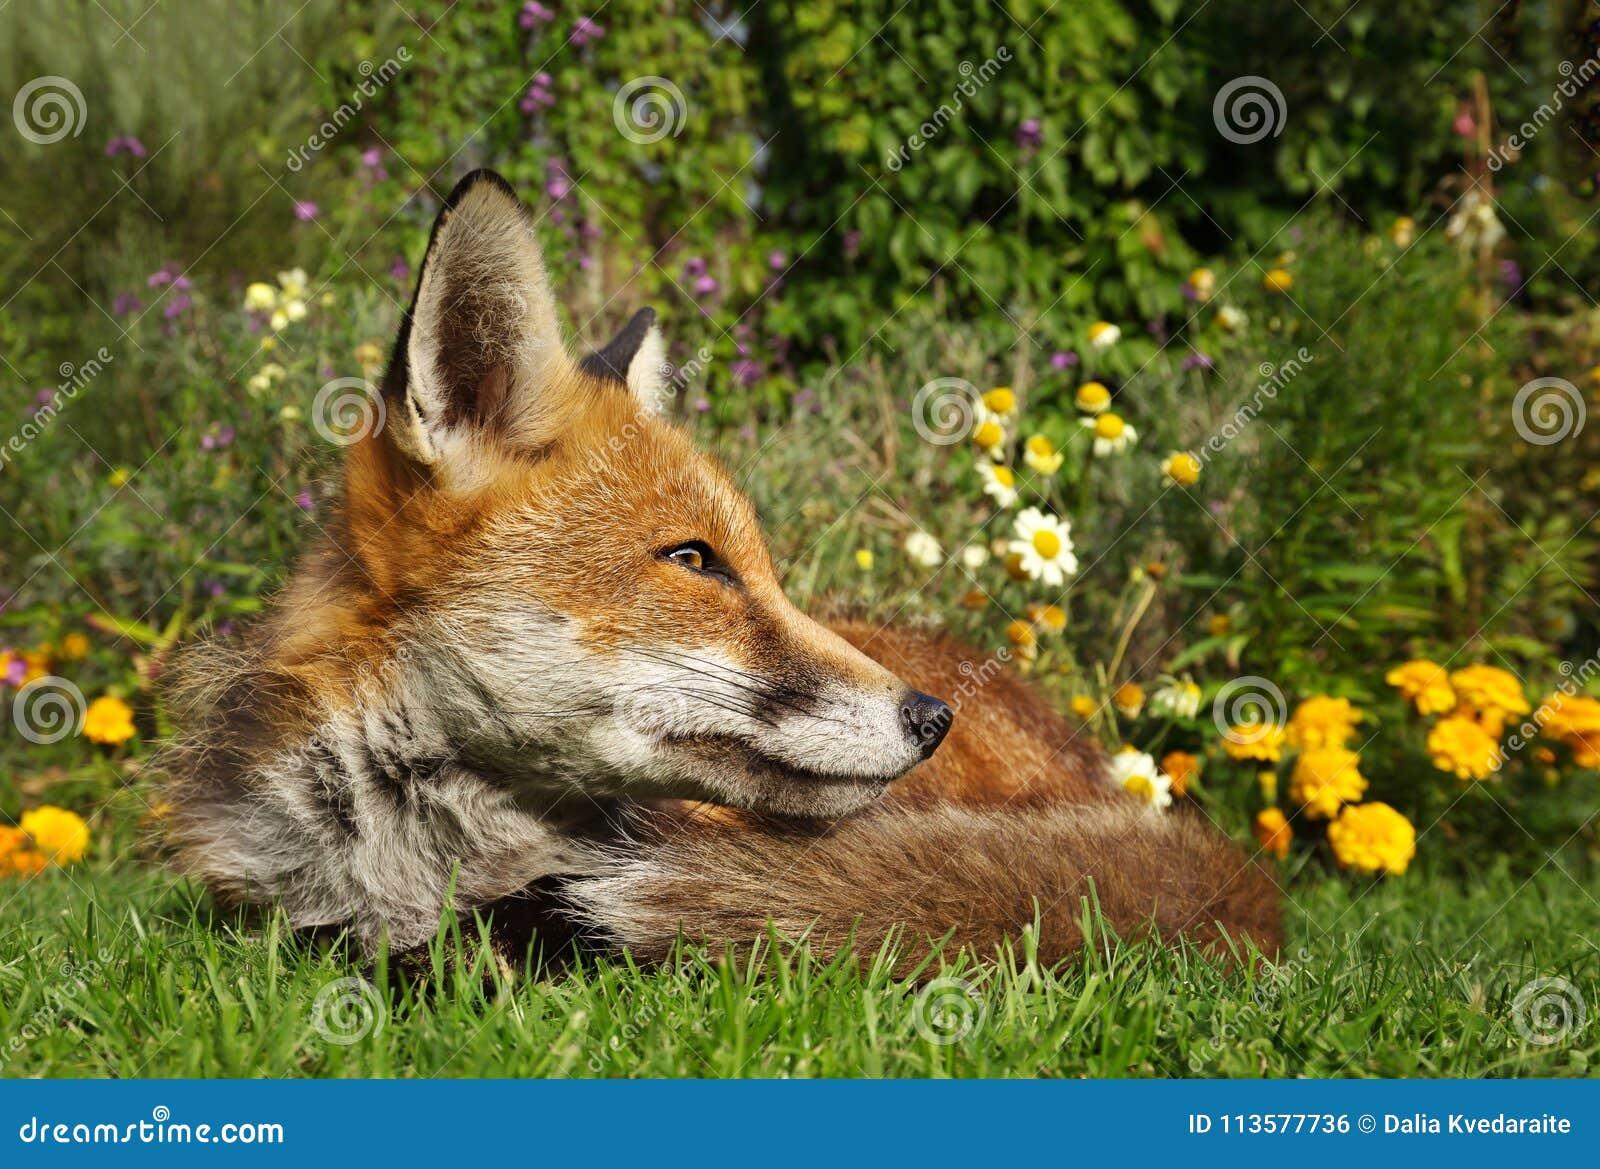 Roter Fuchs Der Im Garten Mit Blumen Liegt Stockfoto Bild Von